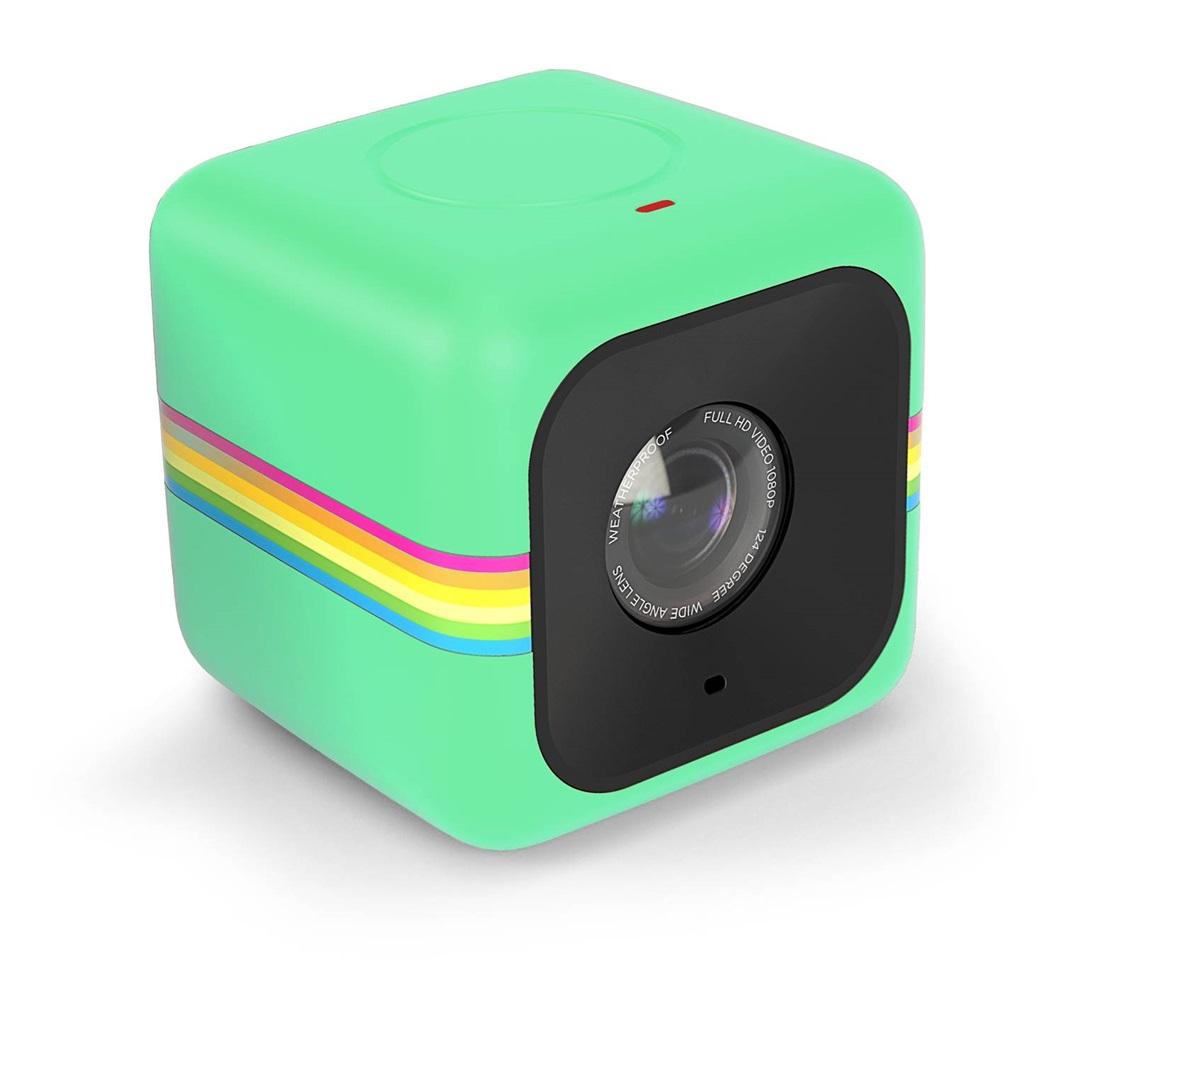 c1a9b857b5367 Cube+  nova câmera de ação da Polaroid ganha WiFi e mantém medidas enxutas